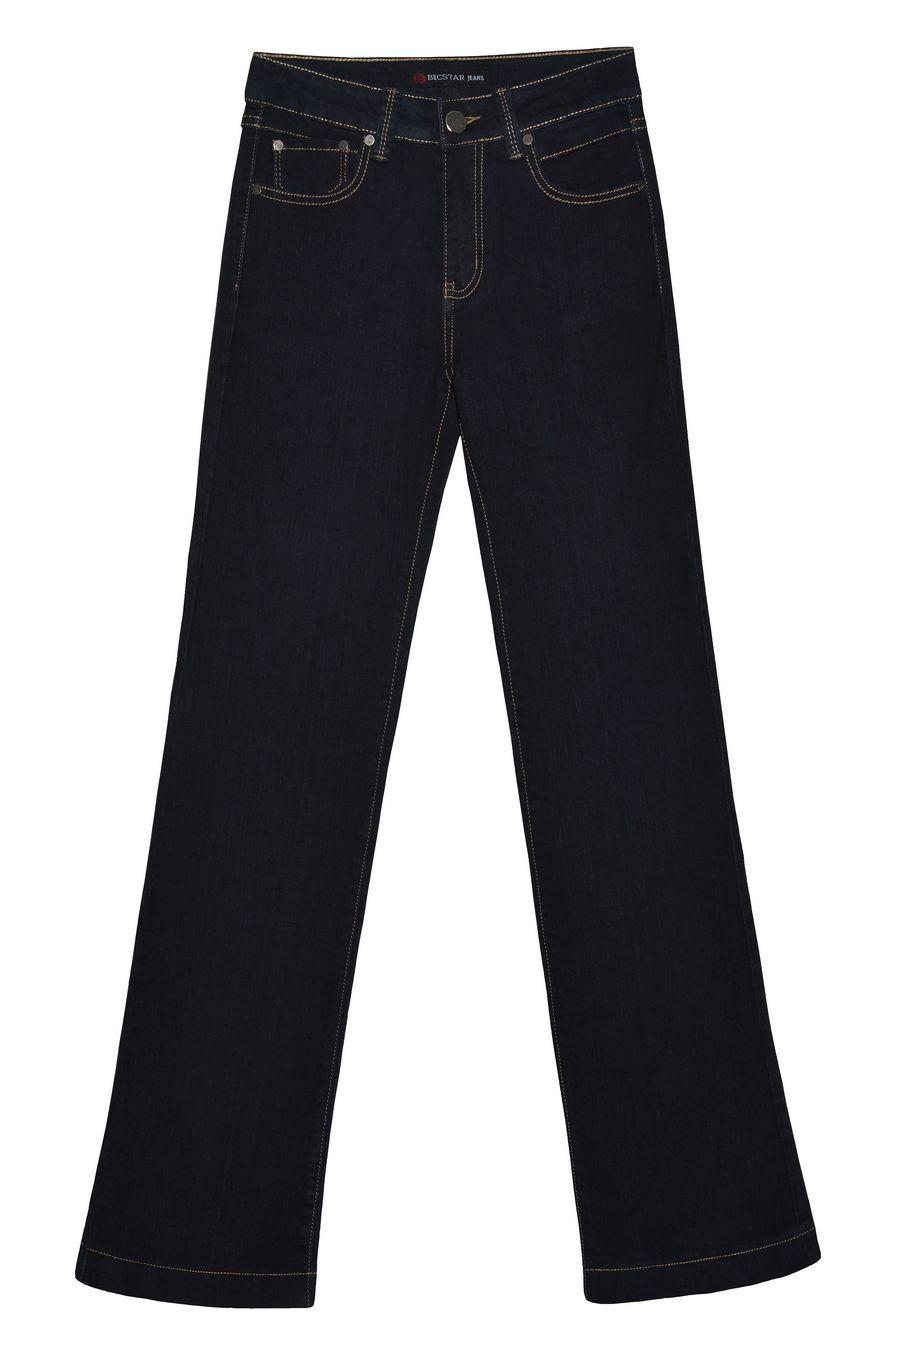 Джинсы женские Bicstar 2305-1/55 - фото 1